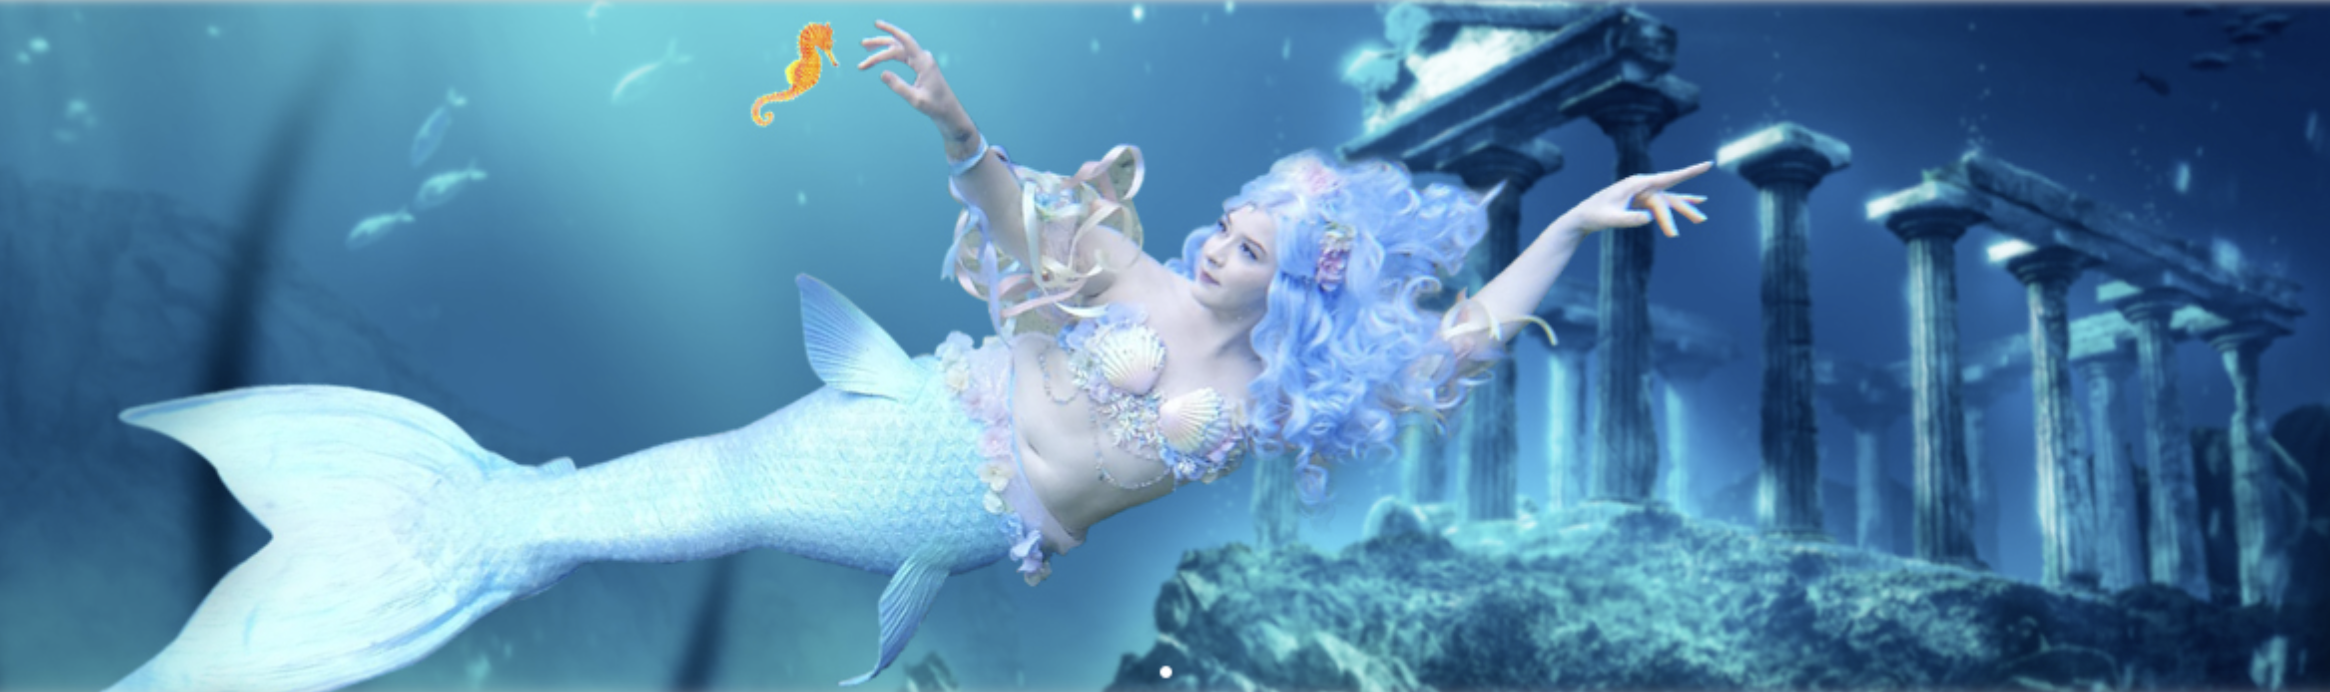 Long Island Aquarium Mermaid